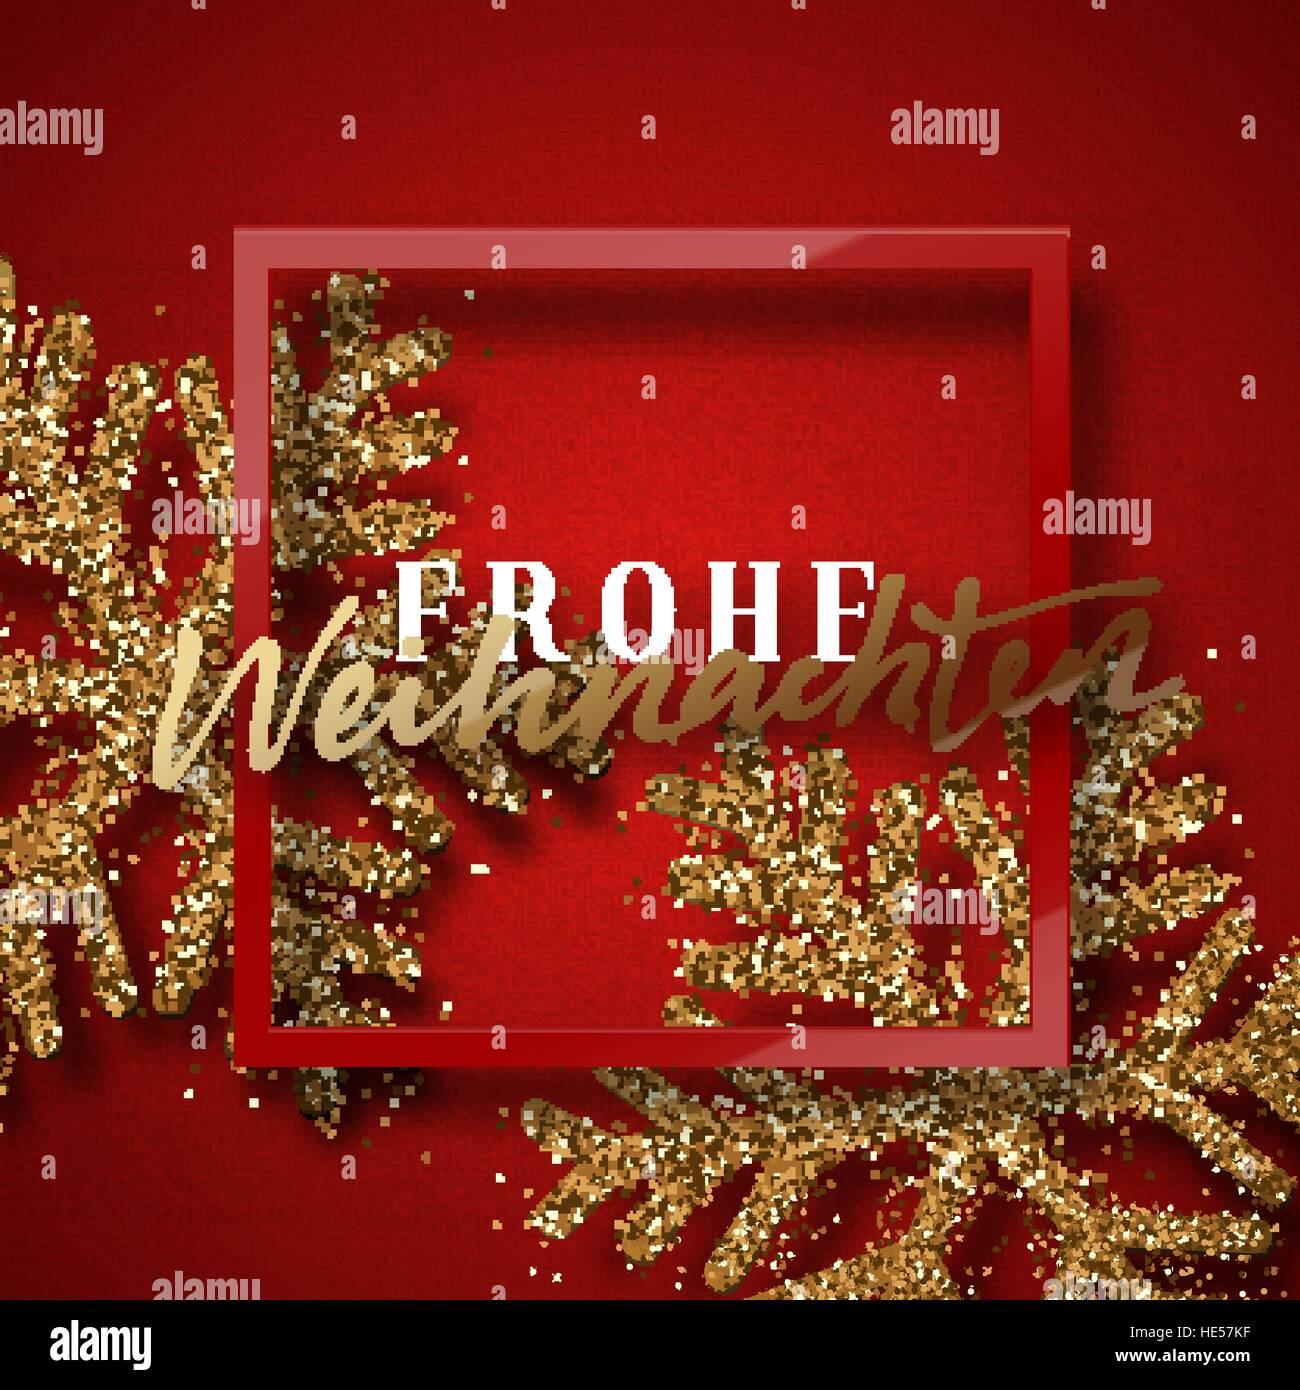 Merry Christmas German.Merry Christmas German Inscription Frohe Weihnachten Stock